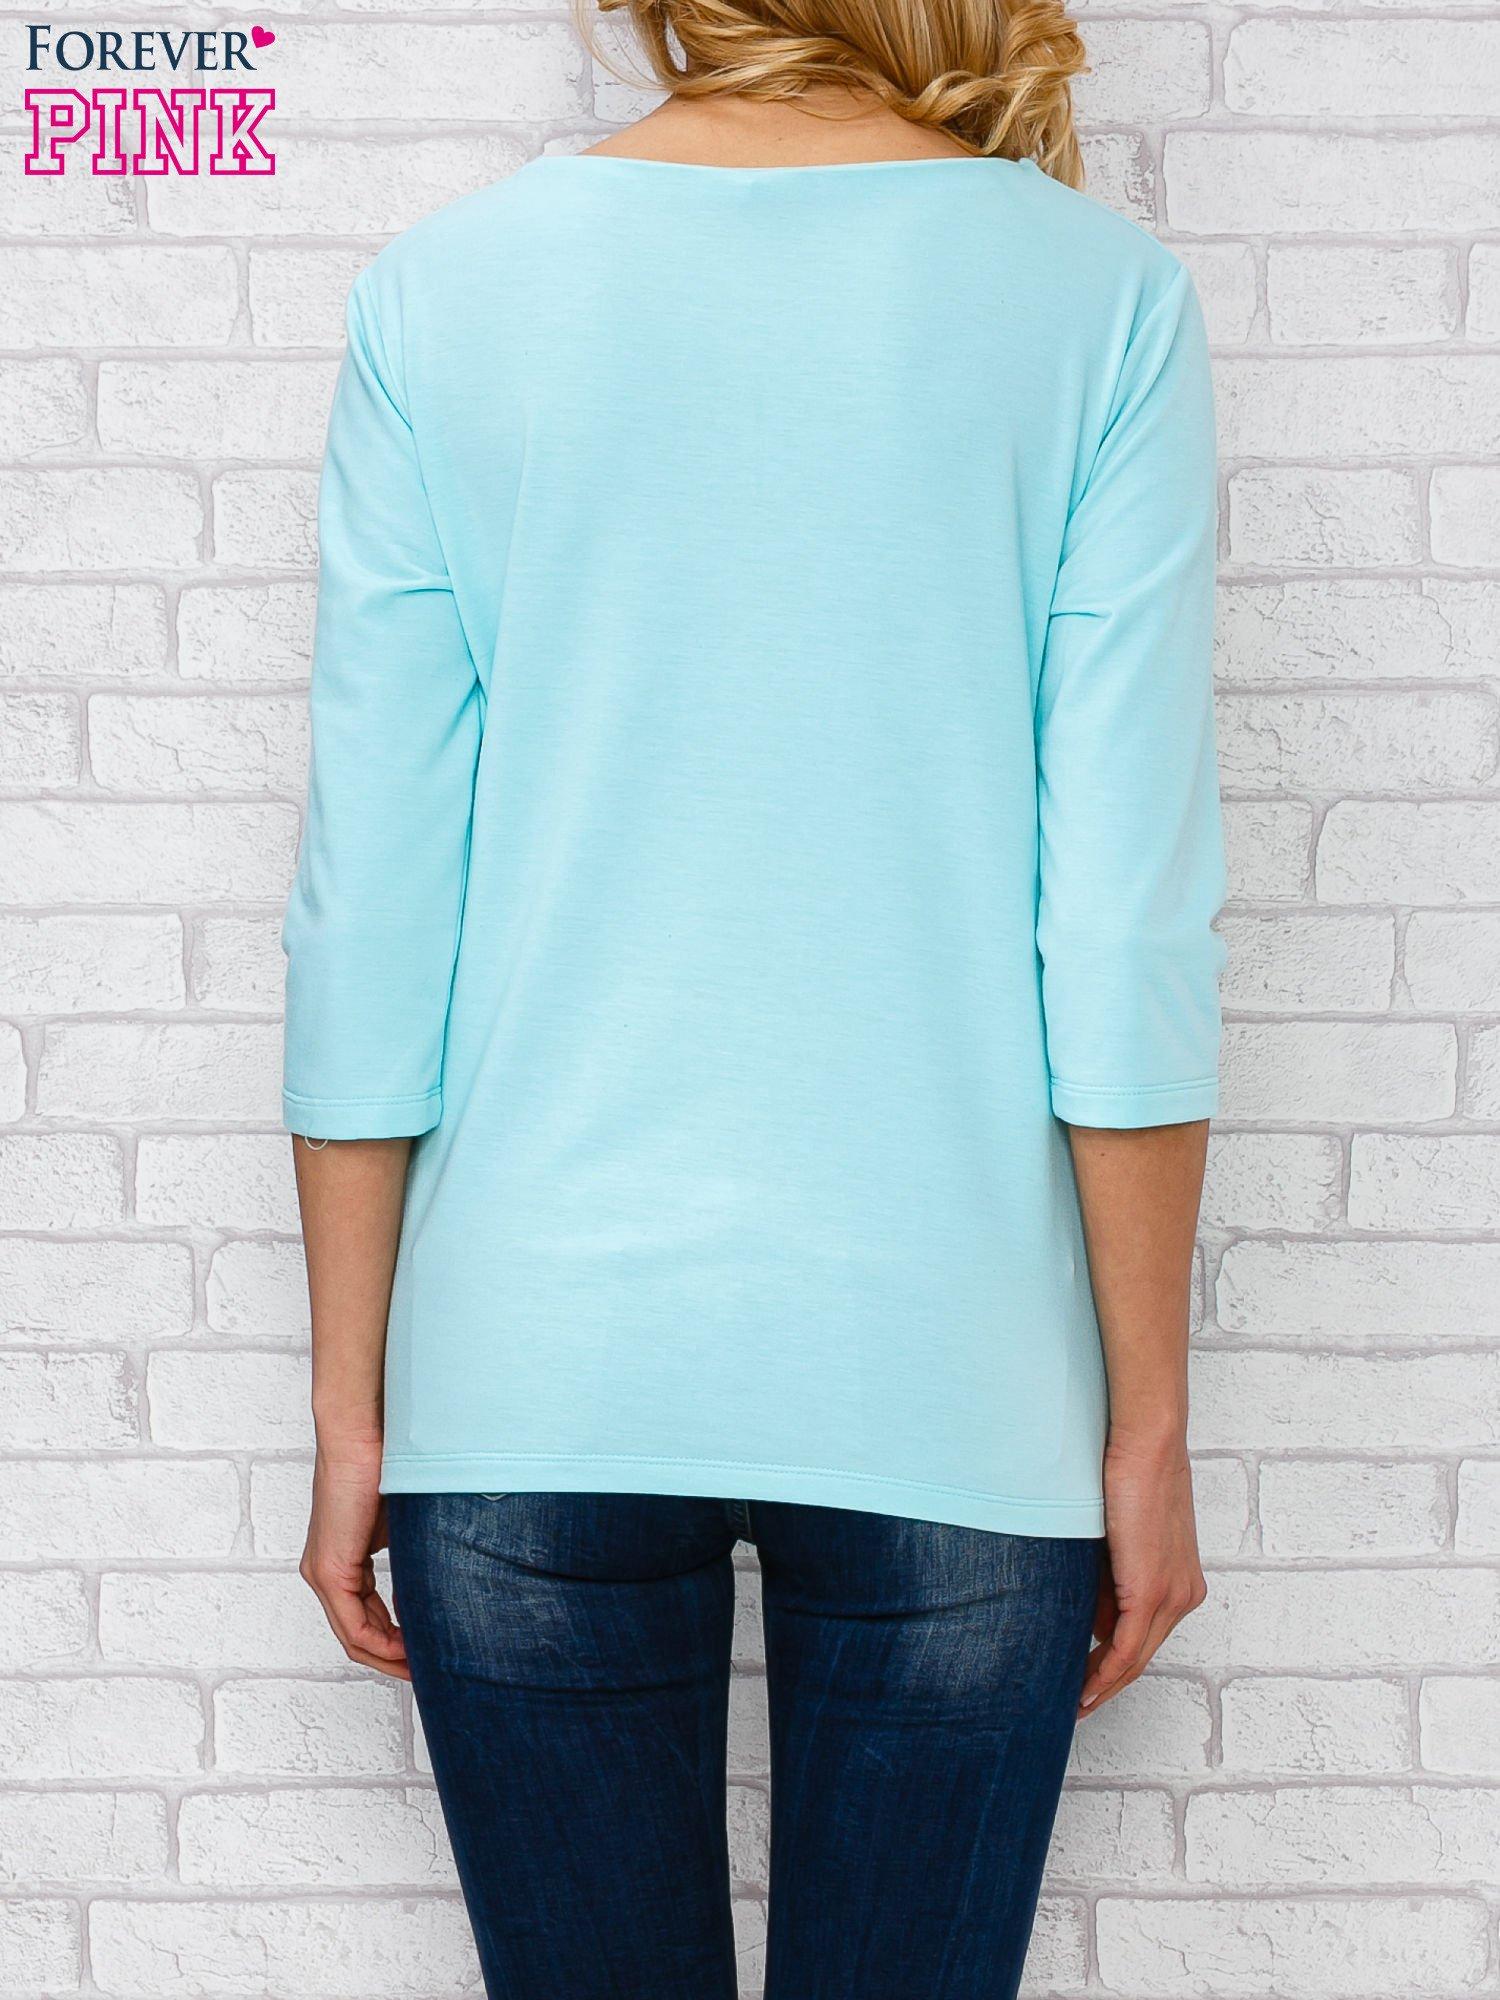 Jasnoniebieska bluzka ze sznurowanym dekoltem                                  zdj.                                  4